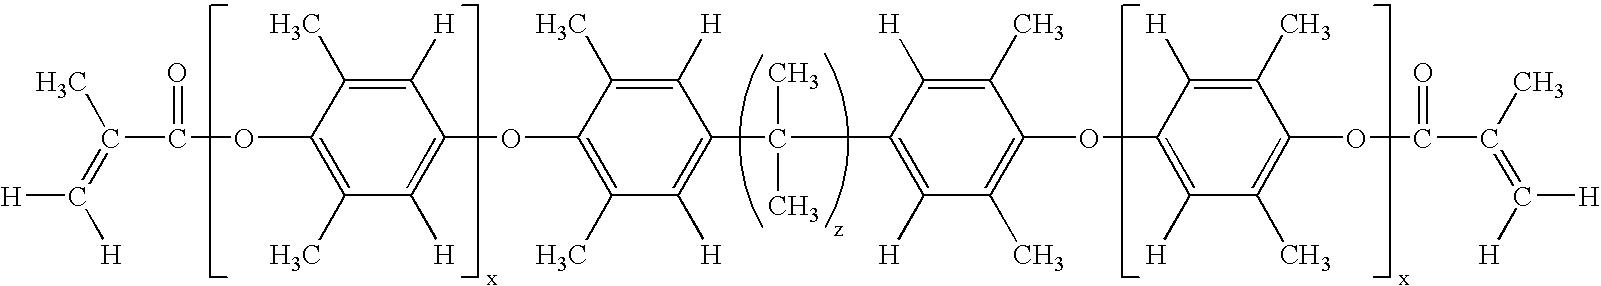 Figure US07329708-20080212-C00031